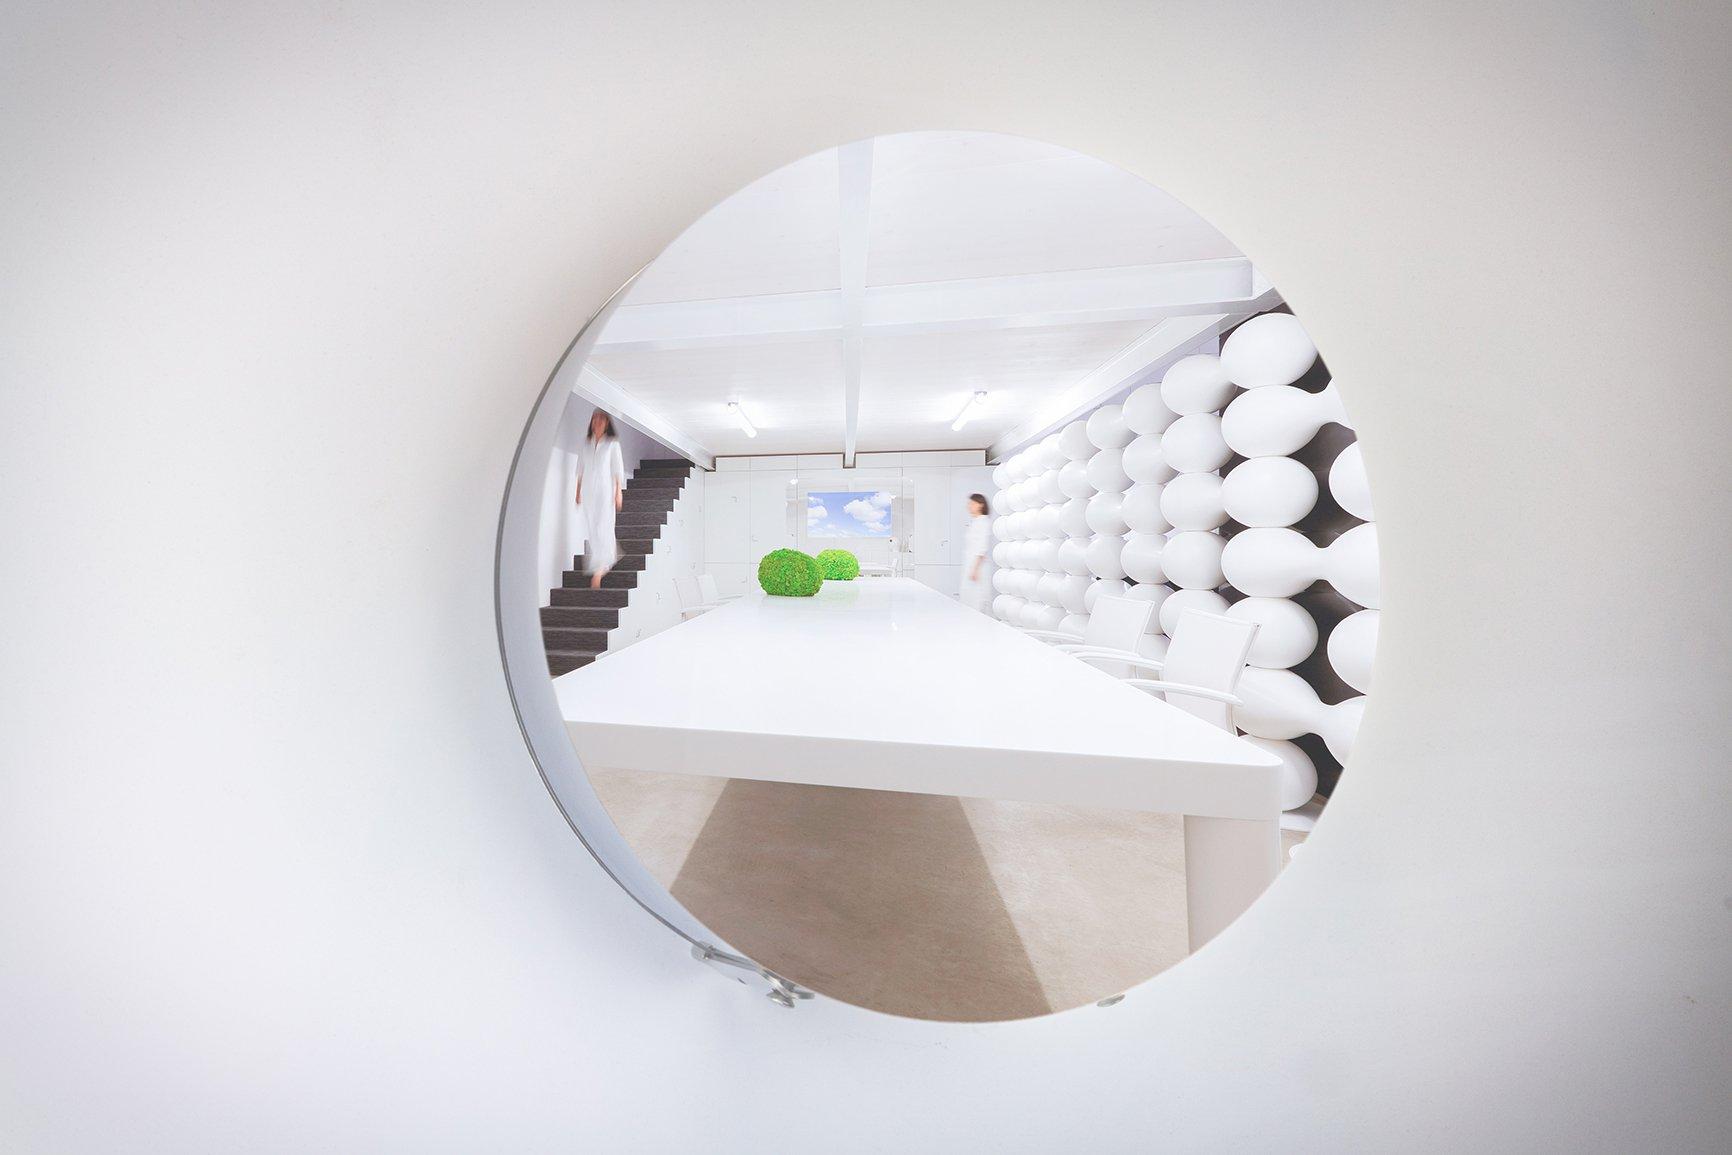 Profumatore Design Modello Milano - specchio